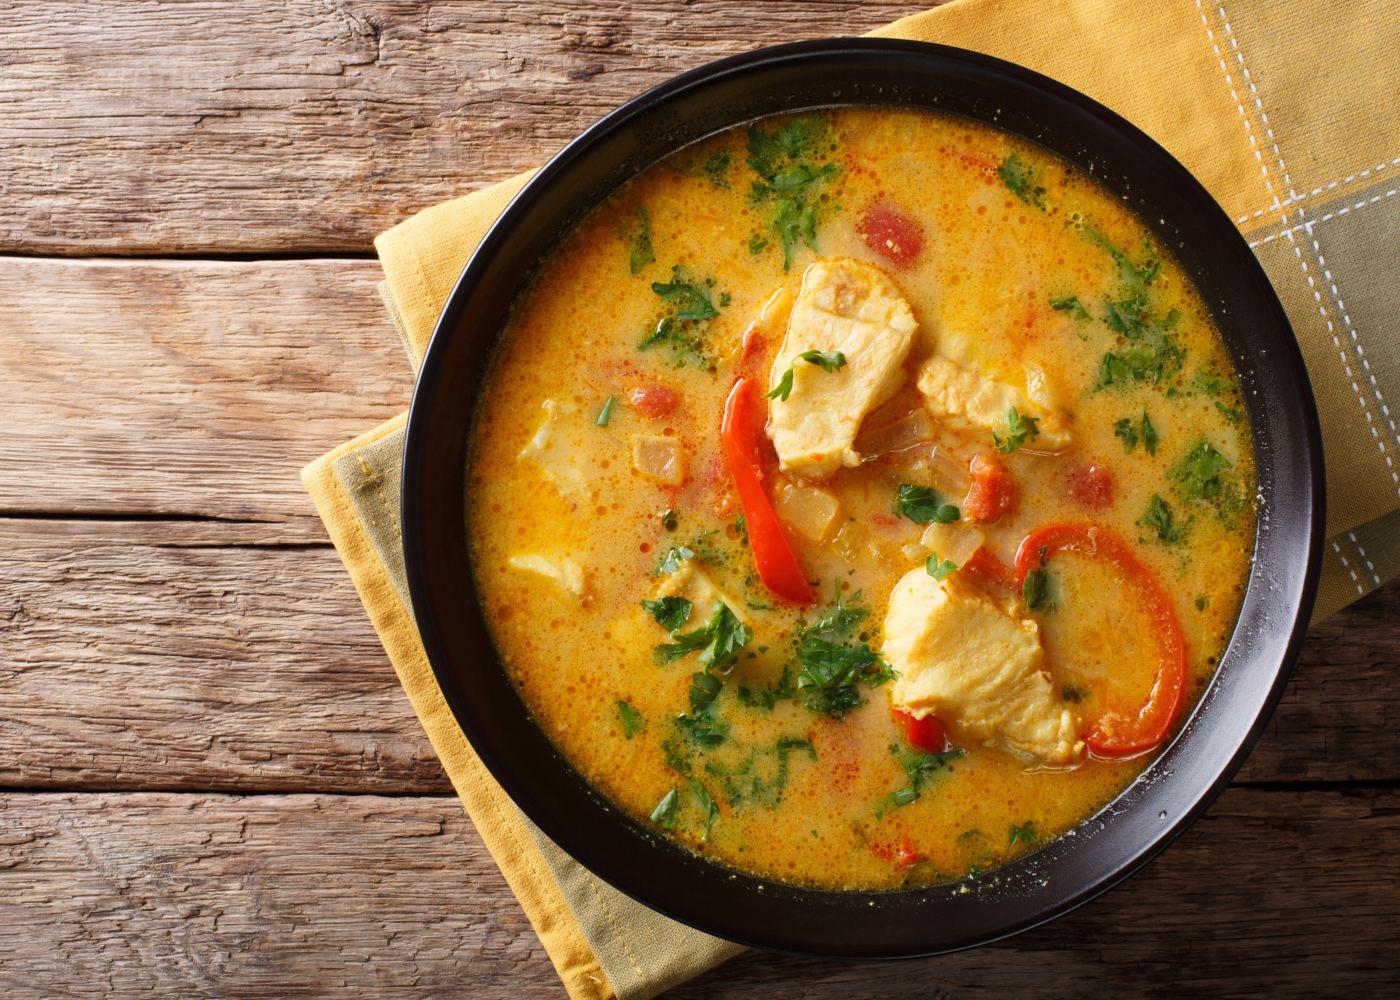 prato bacalhau à espanhola